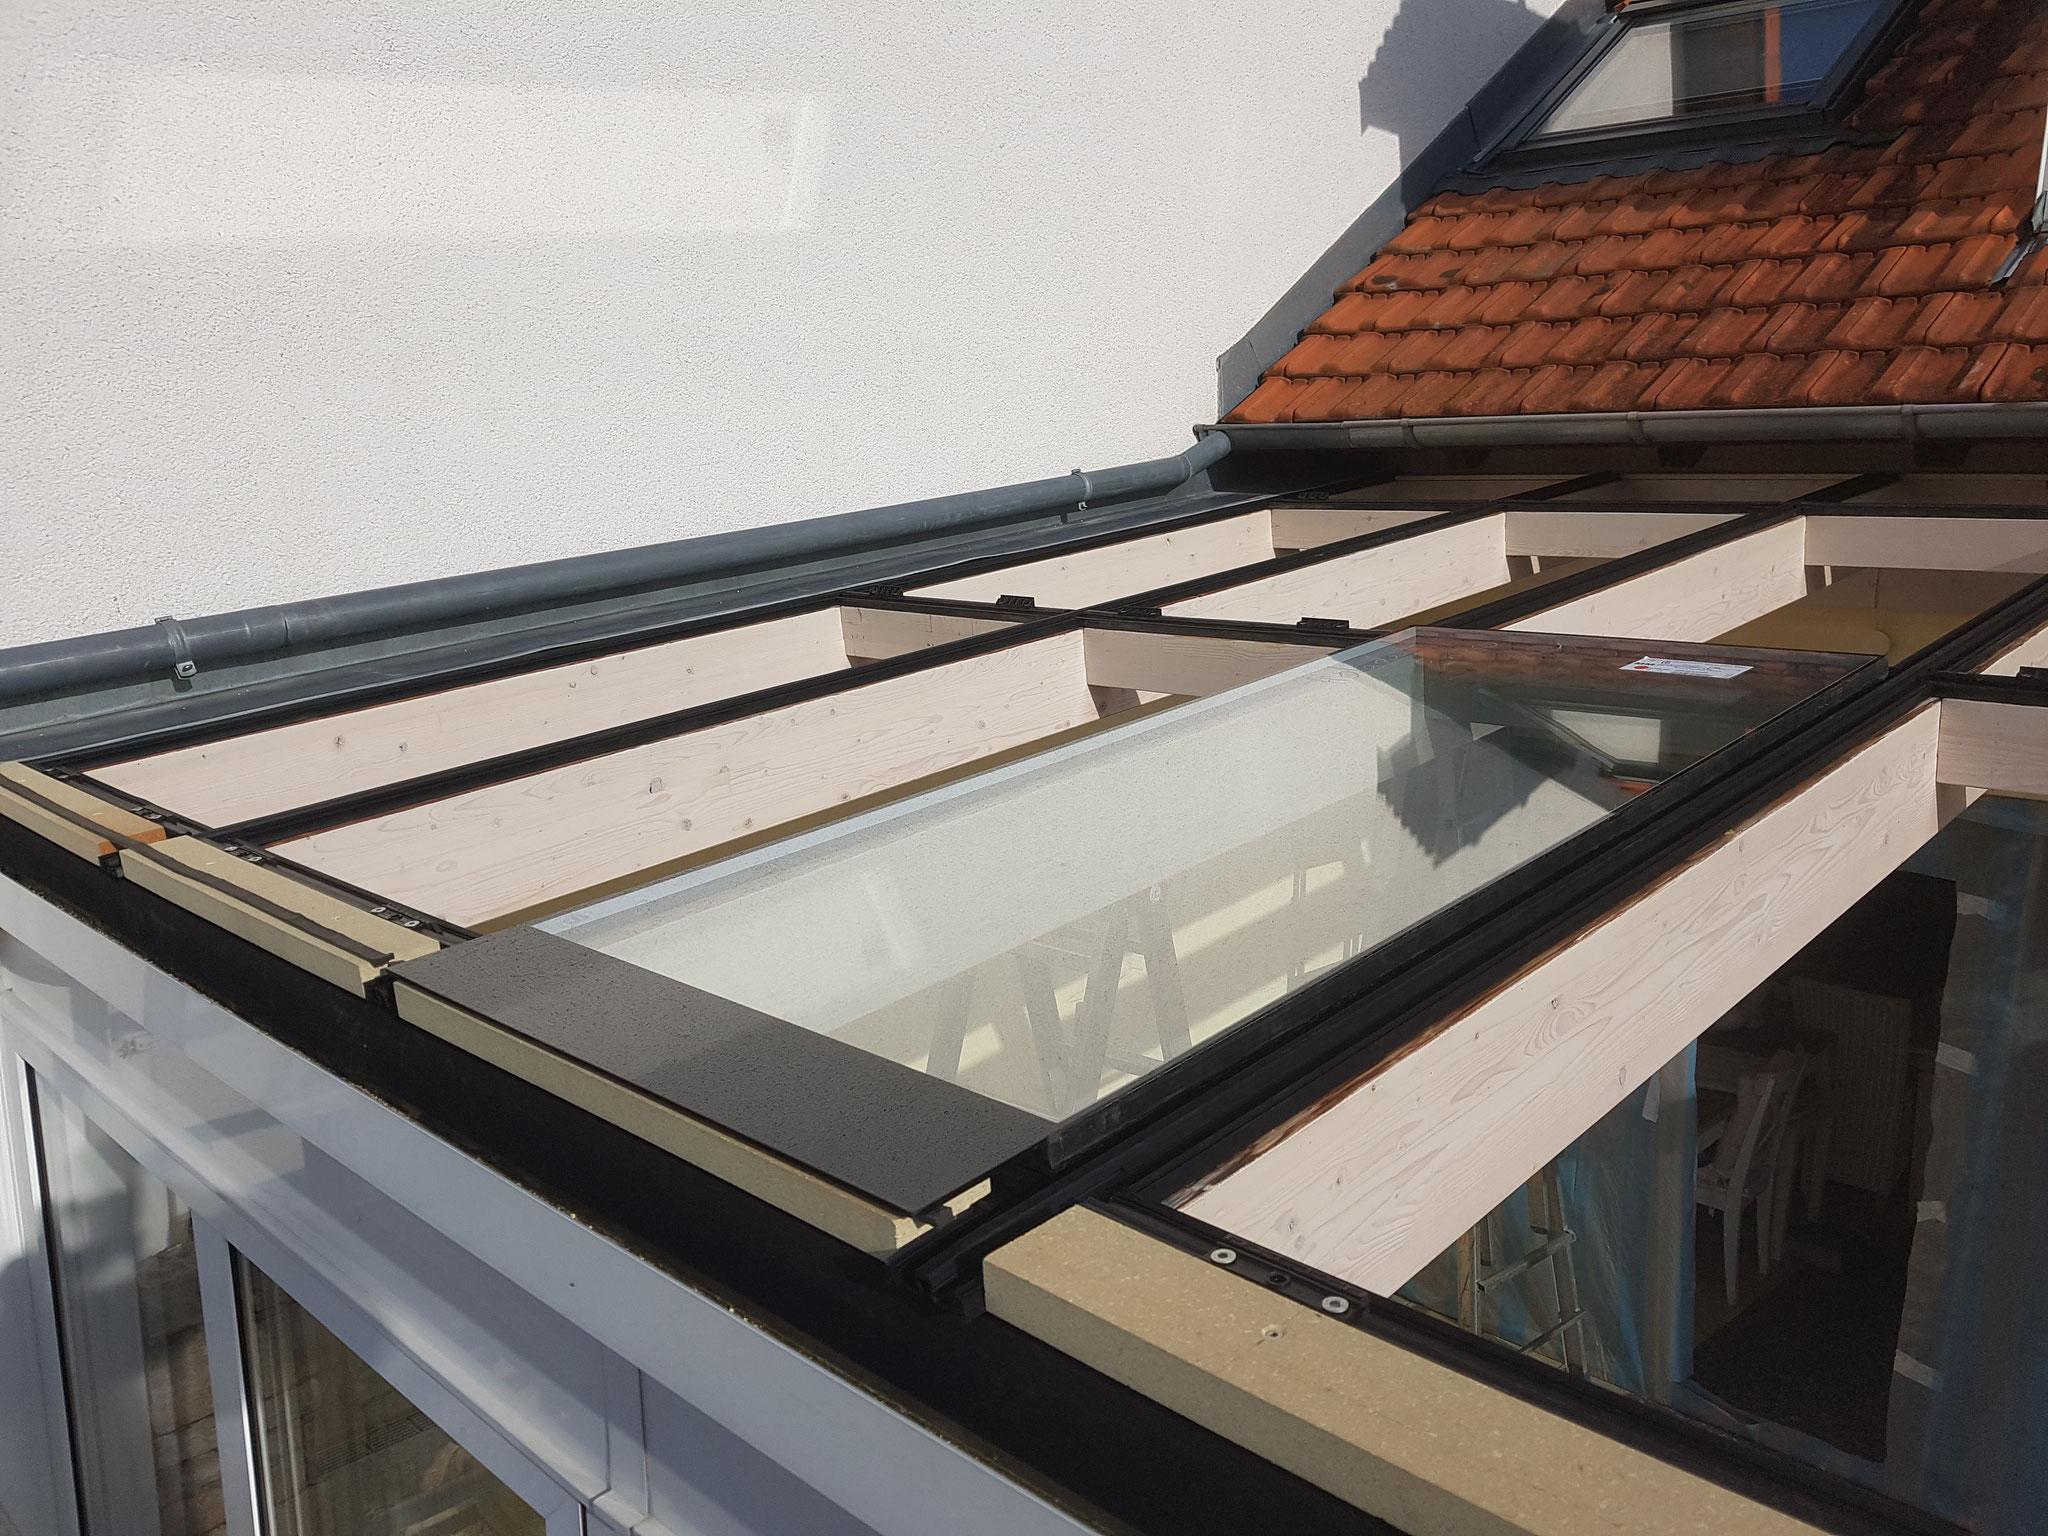 Neues Verglasungssystem mit kontrollierter zweiter Entwässerungsebene. Stufenscheibe mit dauerhaften schwarzen Siebdruck. Wind und Regendichte Abdichtung hinter der Dachrinne